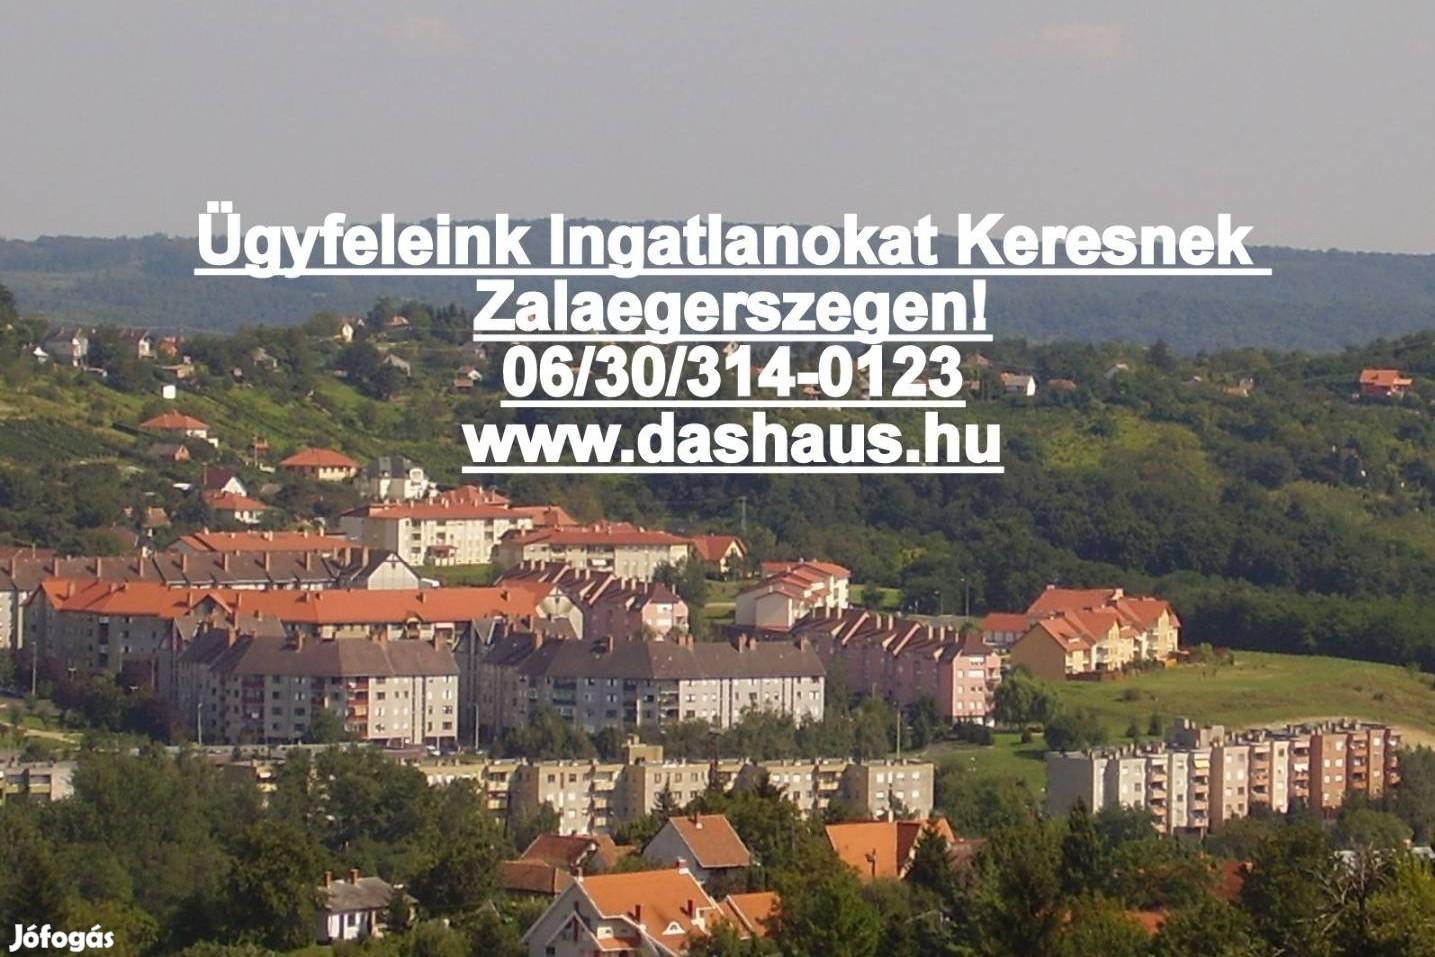 Eladó lakás, családi ház, Ingatlan Zalaegerszeg, Zala megye. Ingatlanpiac, lakásárak